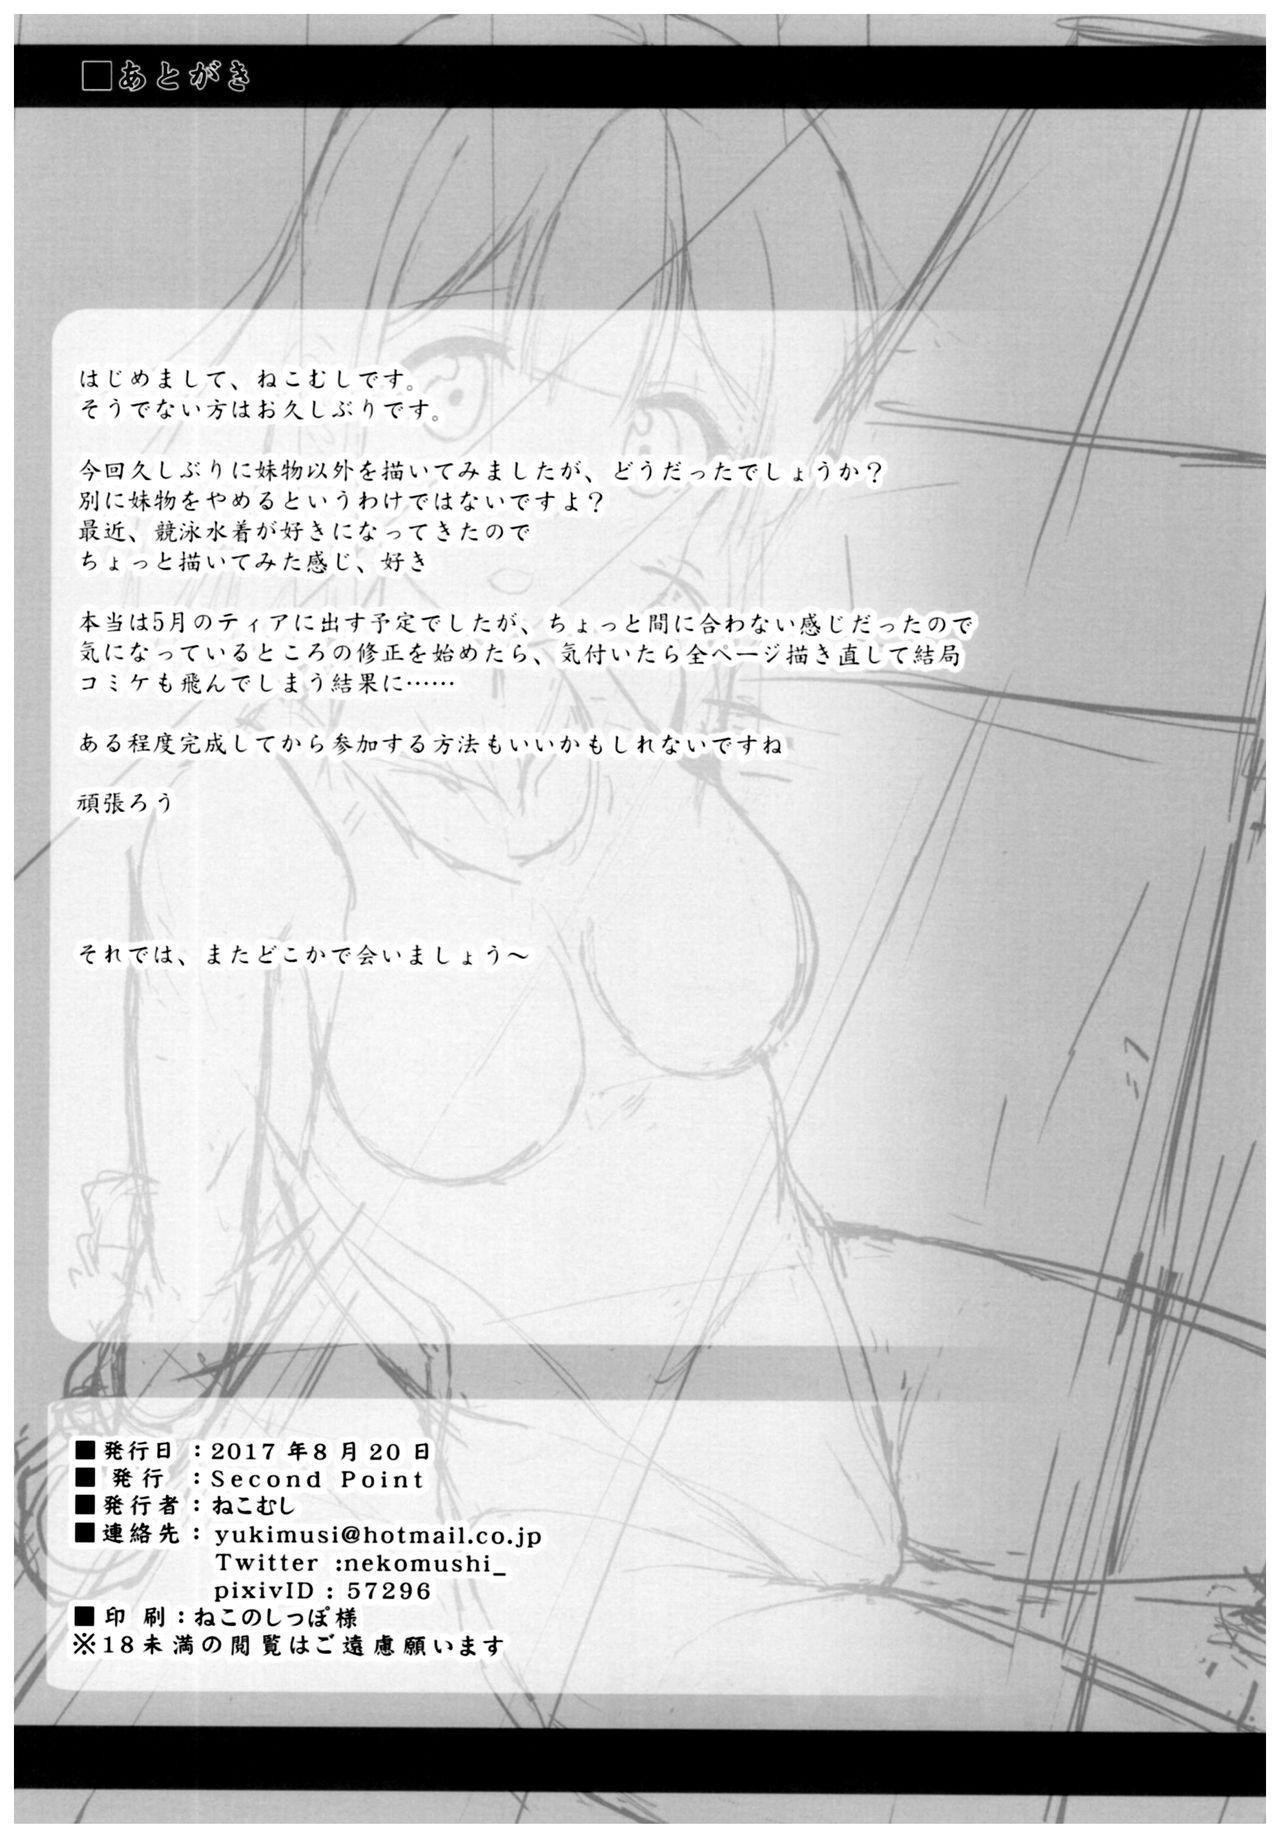 Himitsu no Tokkun | Secret Training 20